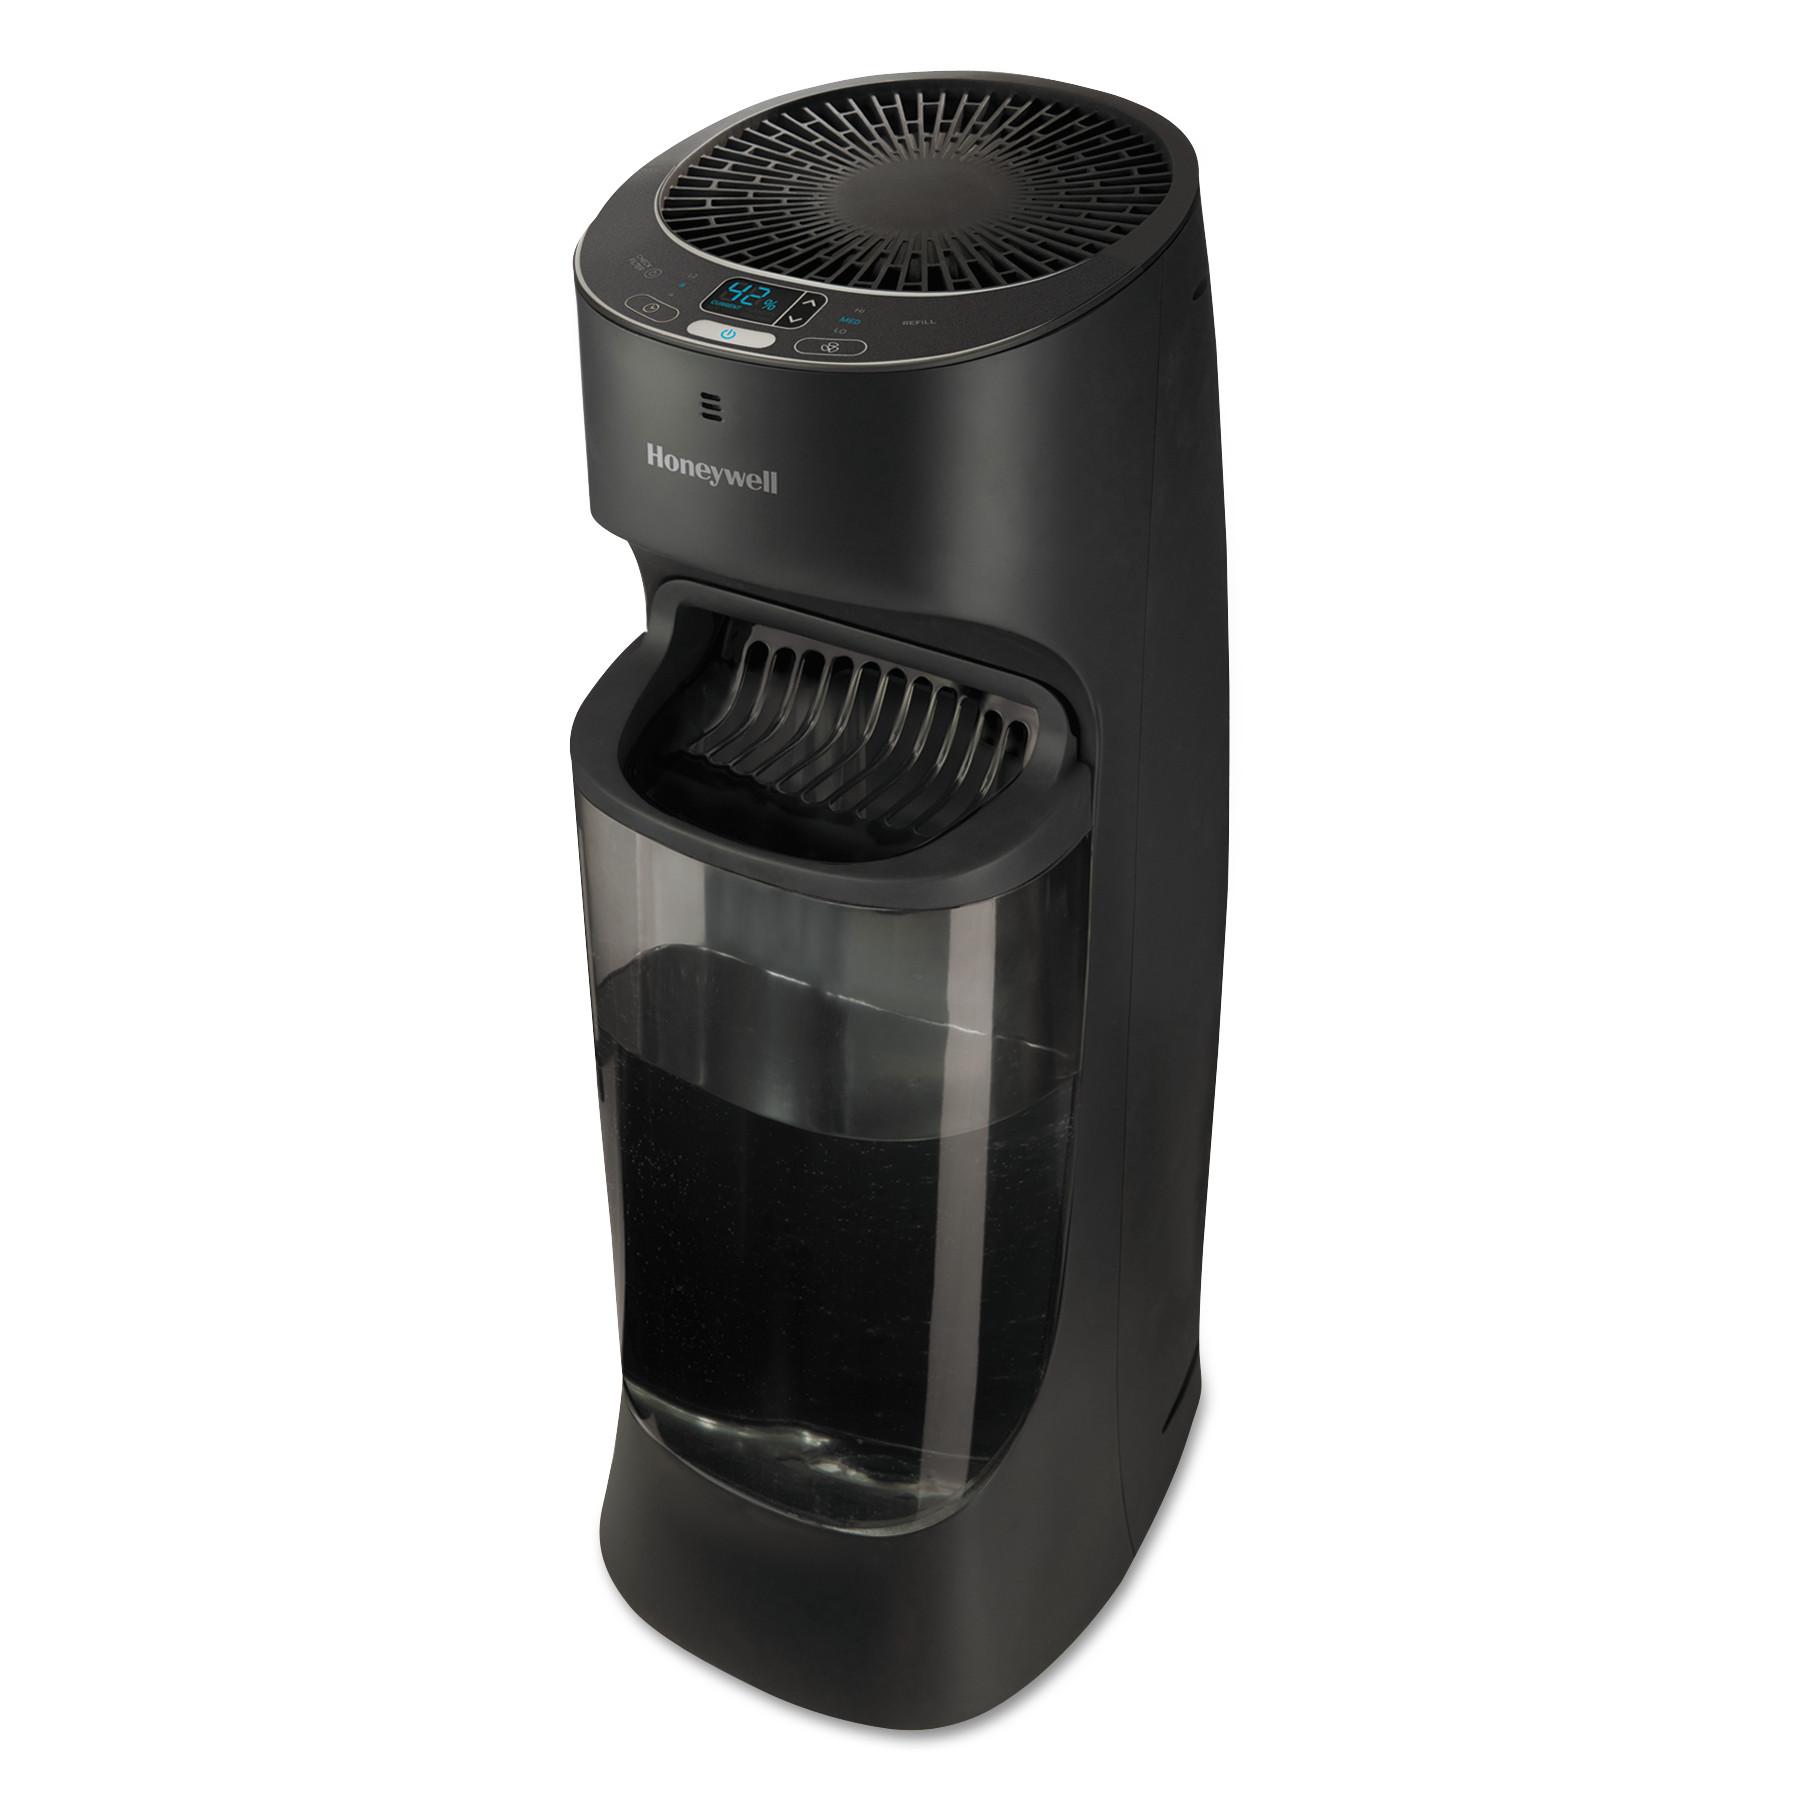 Top Fill Tower Cool Mist Humidifier, 1.7 gal, 9.8w x 8.7d x 24.7h, Black